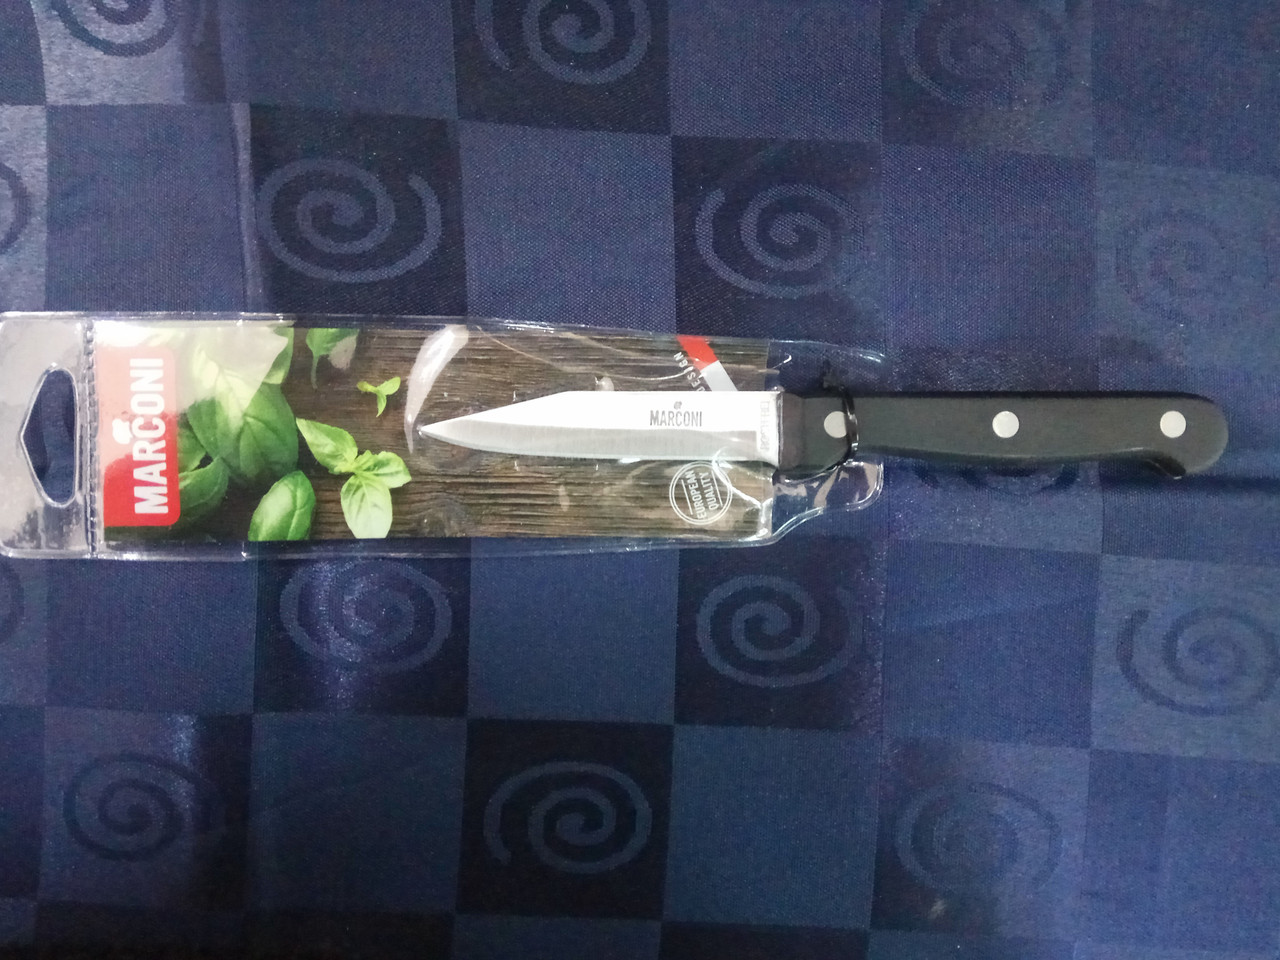 Нож для чистки 8 см